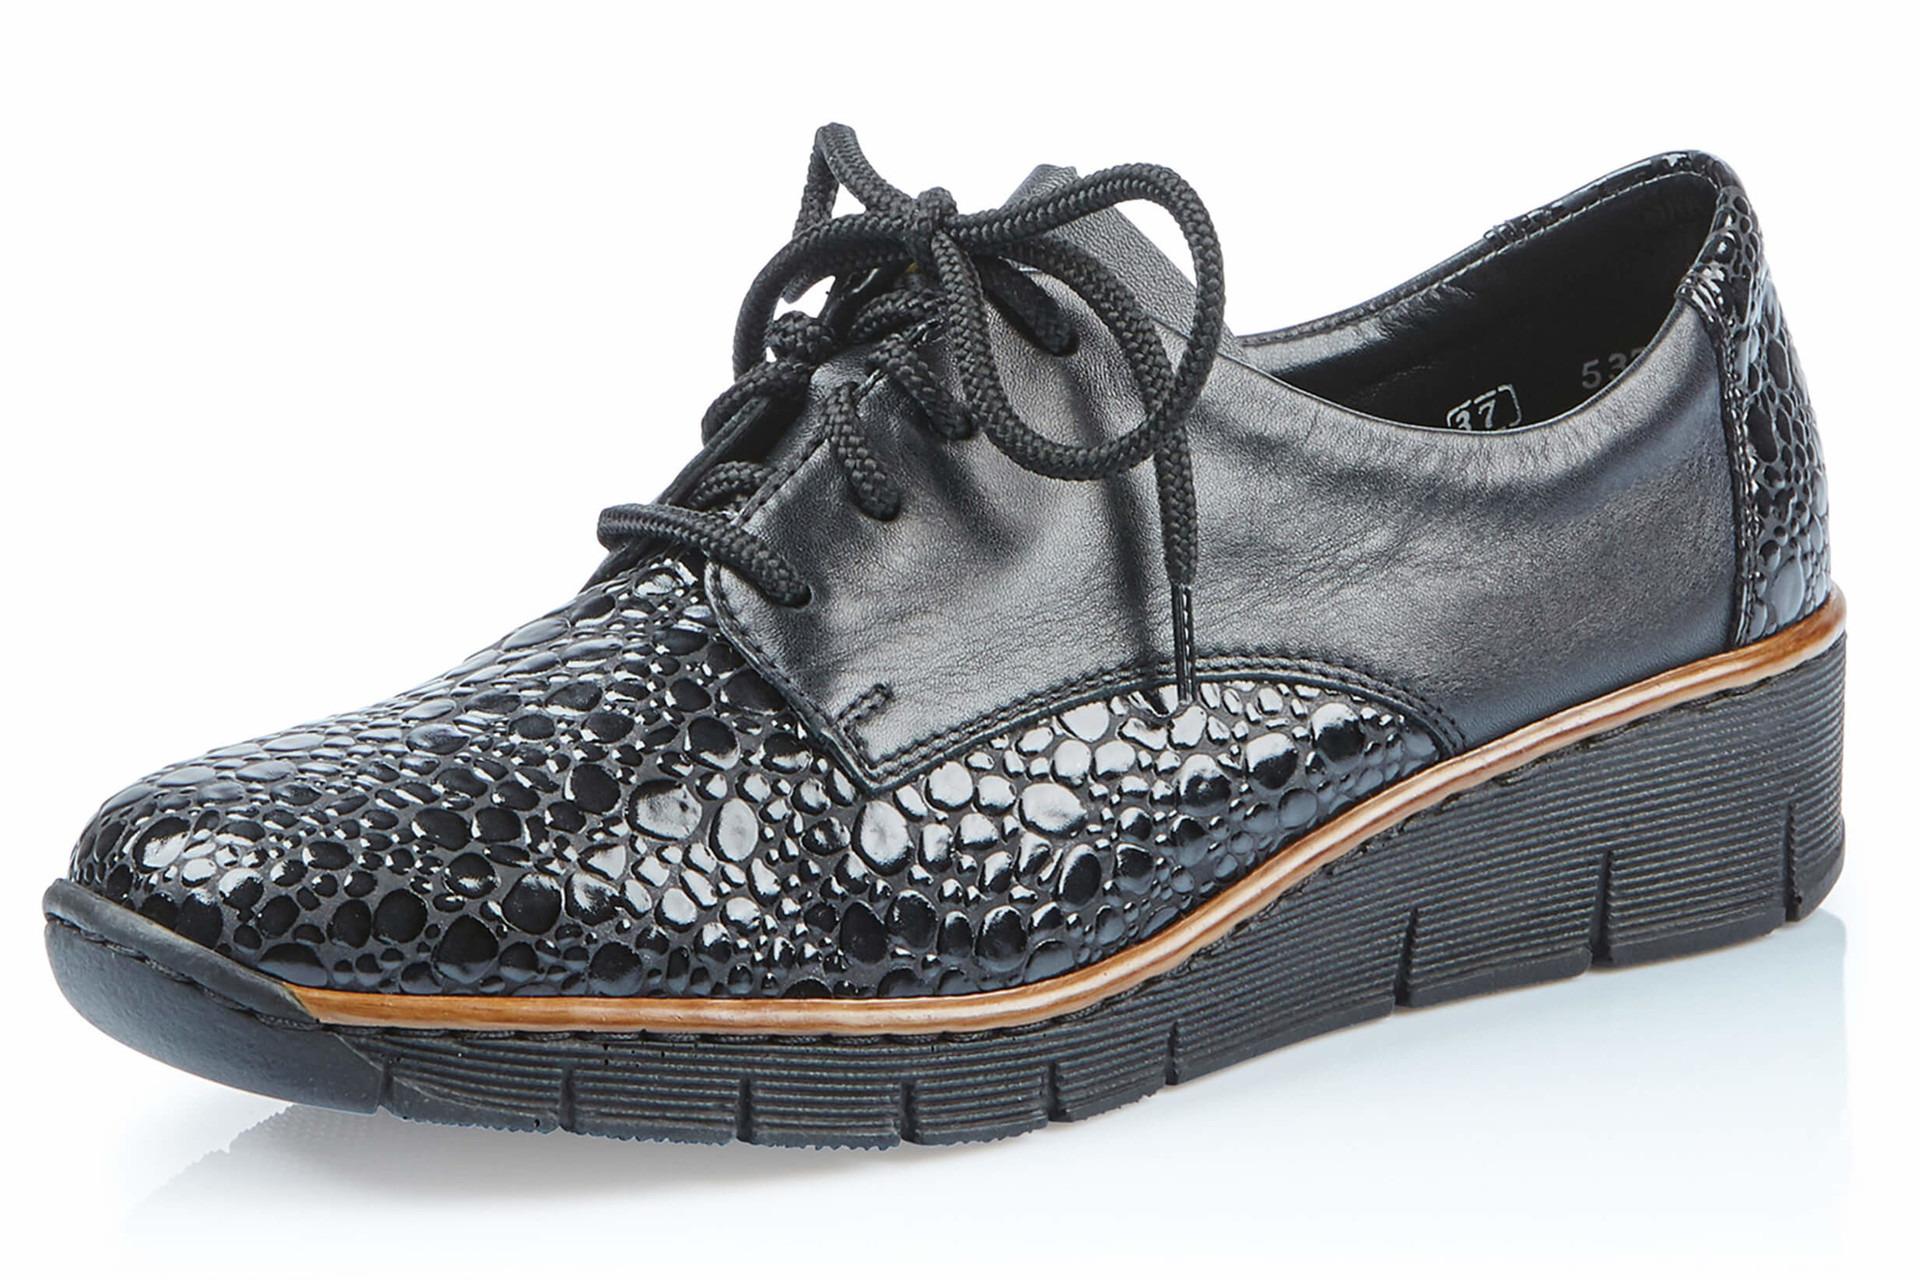 Soňa - Dámska obuv - Poltopánky - Dámska šnurovacia obuv značky Rieker 09d79cd670f